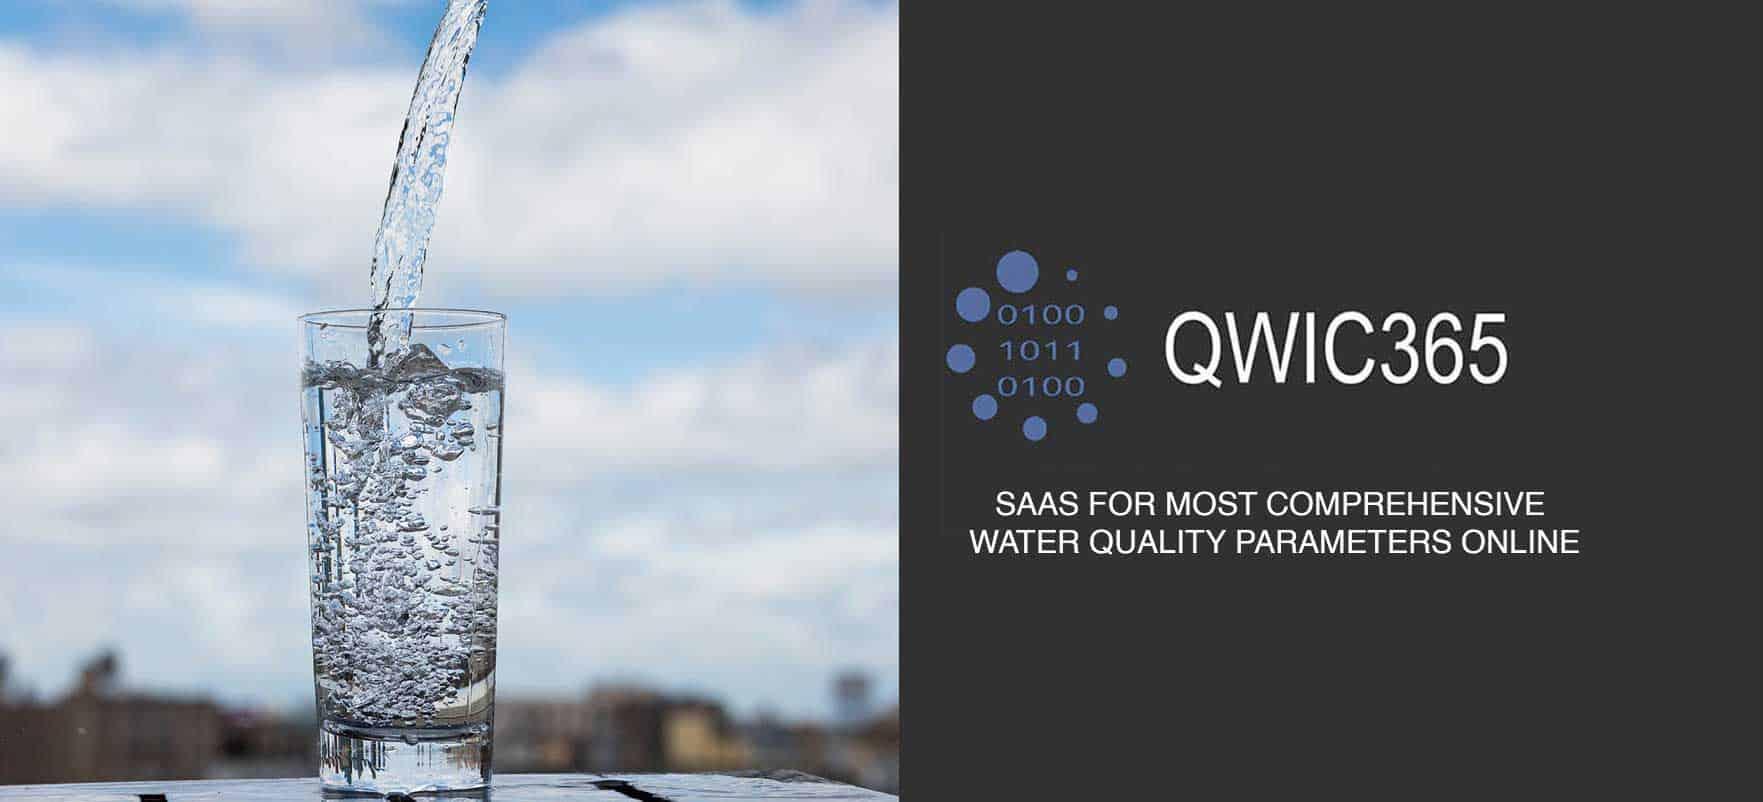 qwic365-c